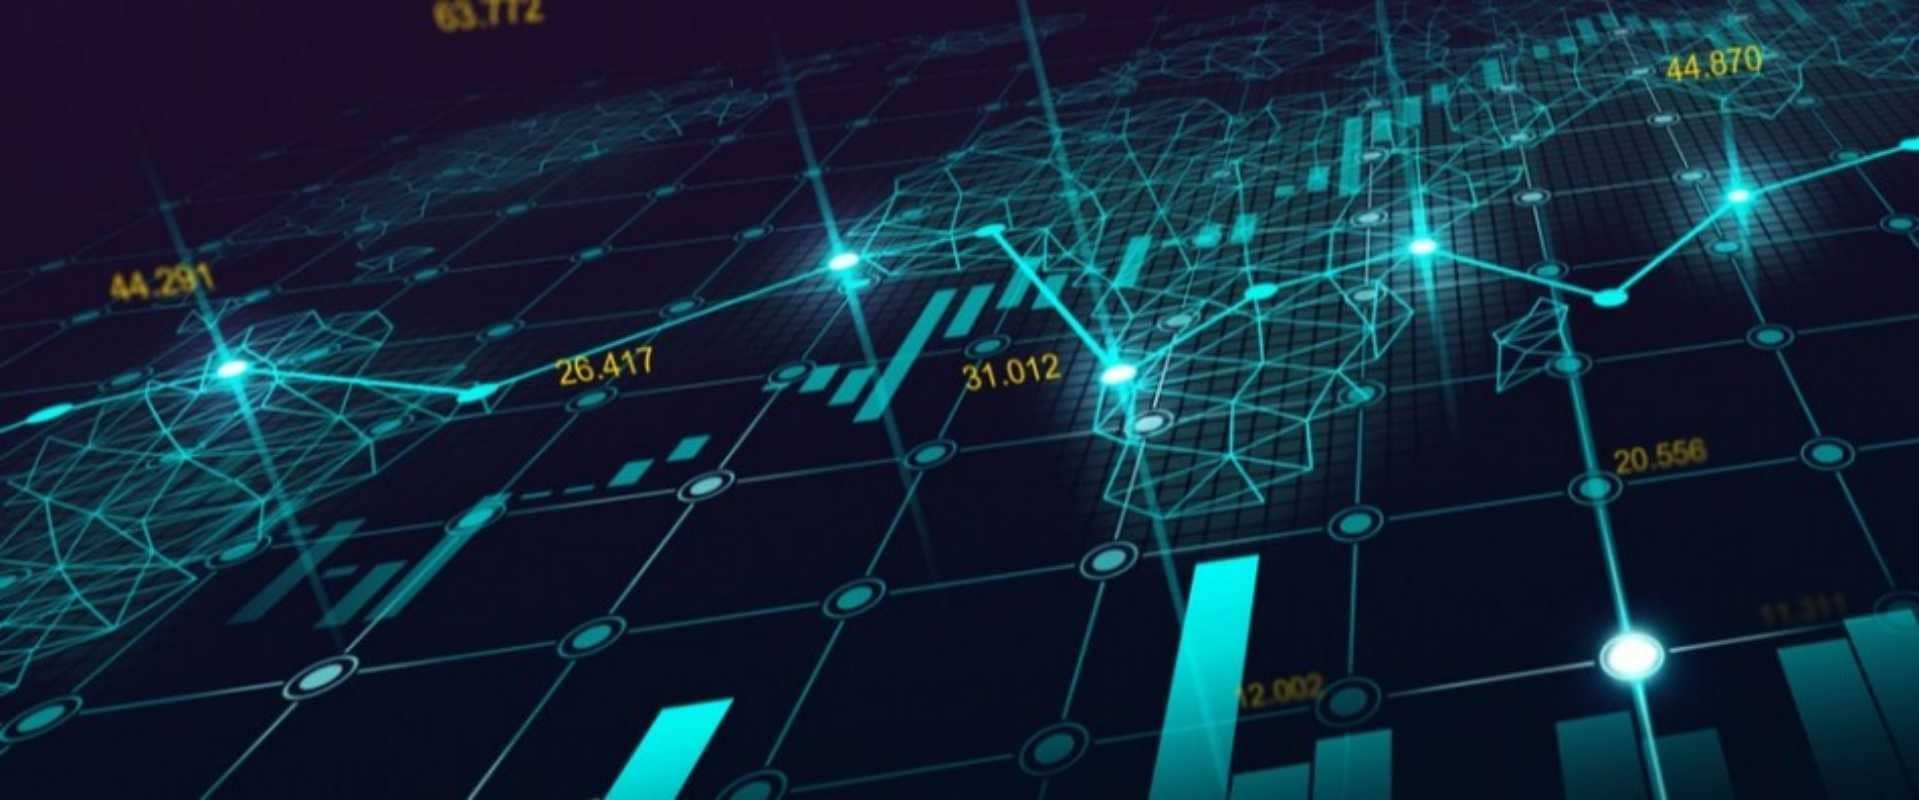 Торговые сессии на Форекс рынке: когда лучше торговать